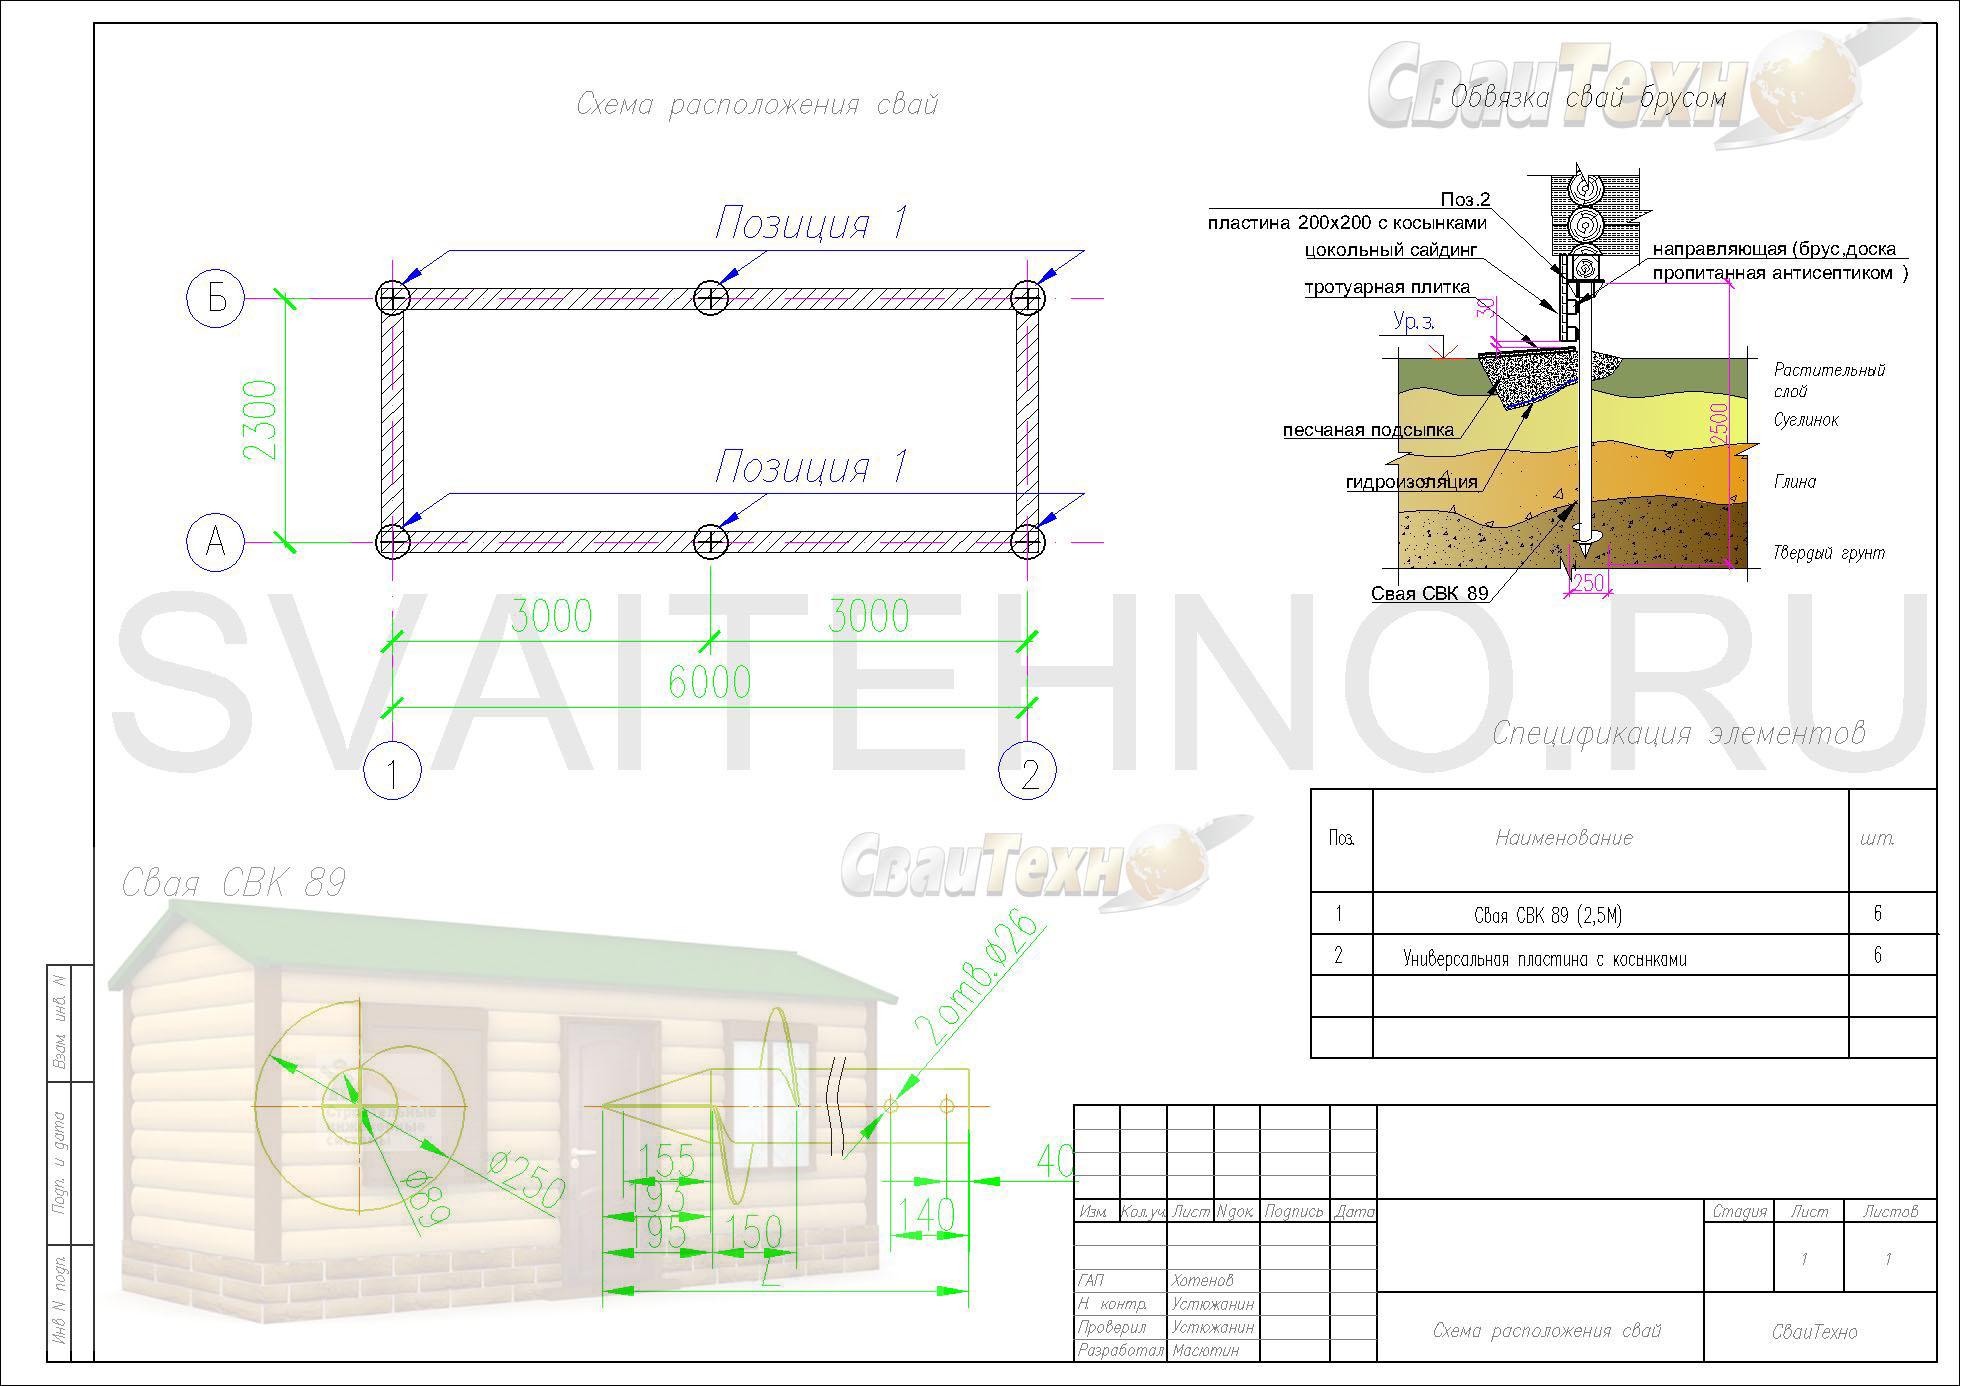 Схема расположения свай для фундамента одноэтажного садового дома